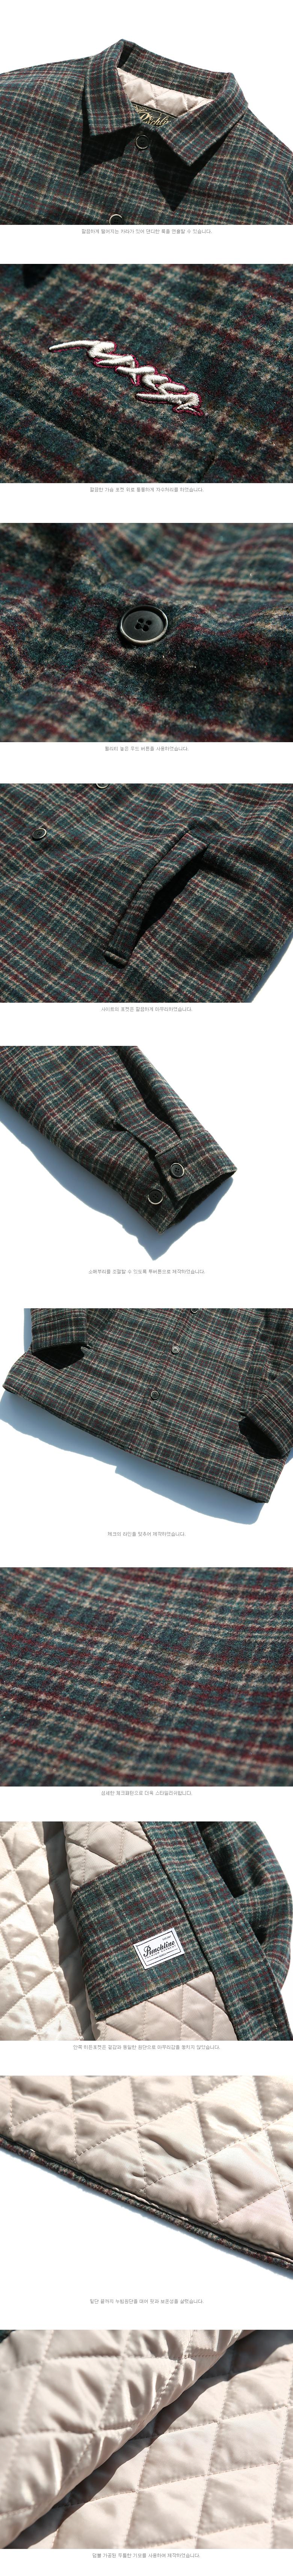 KHOT6105_detail_khaki_02.jpg